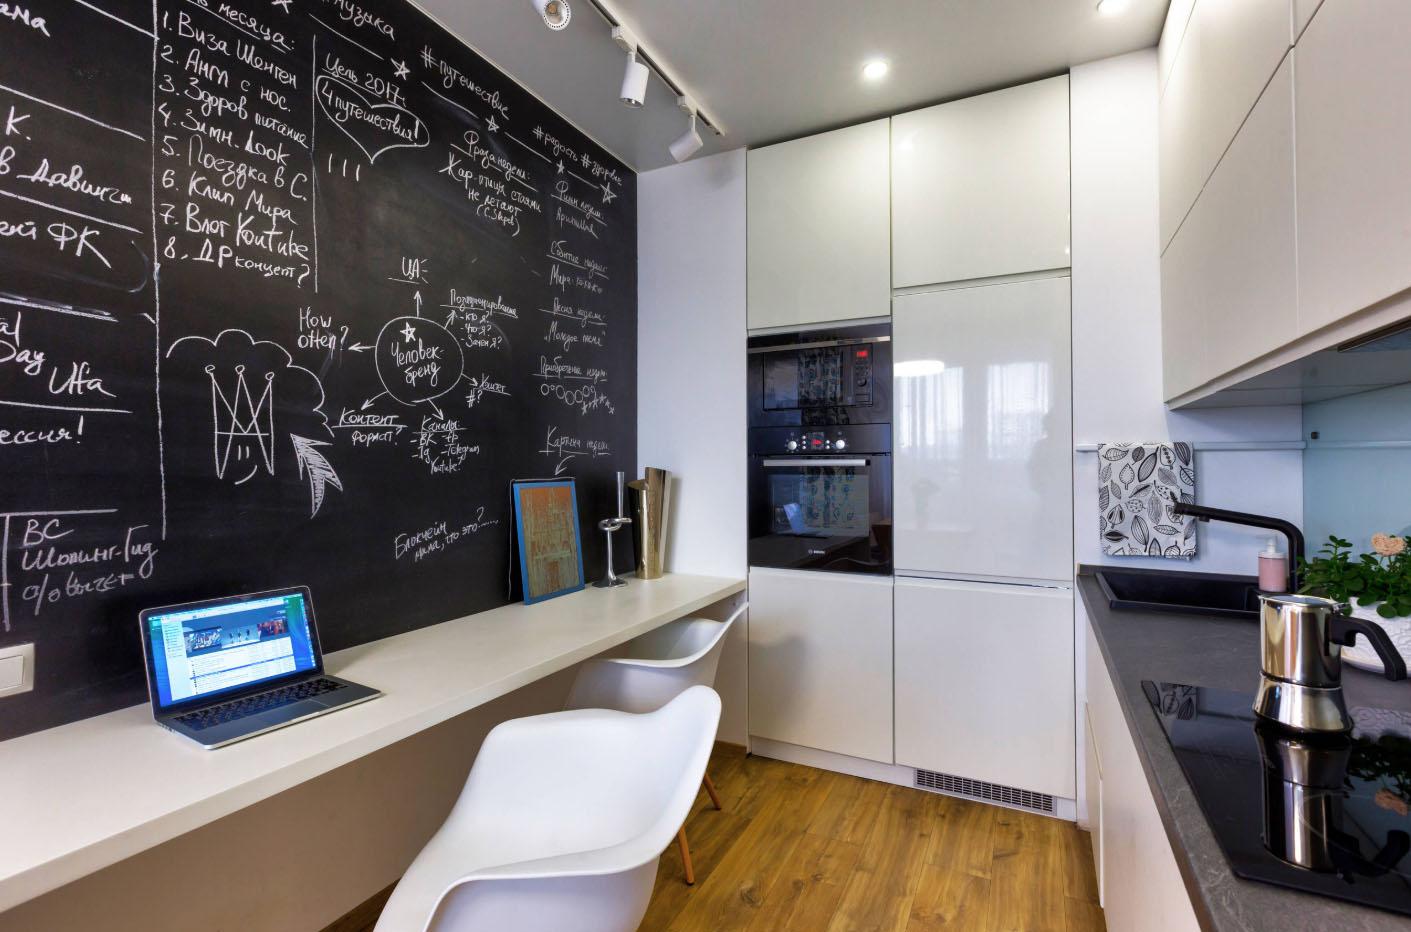 дизайн однокомнатной квартиры с разделением зон